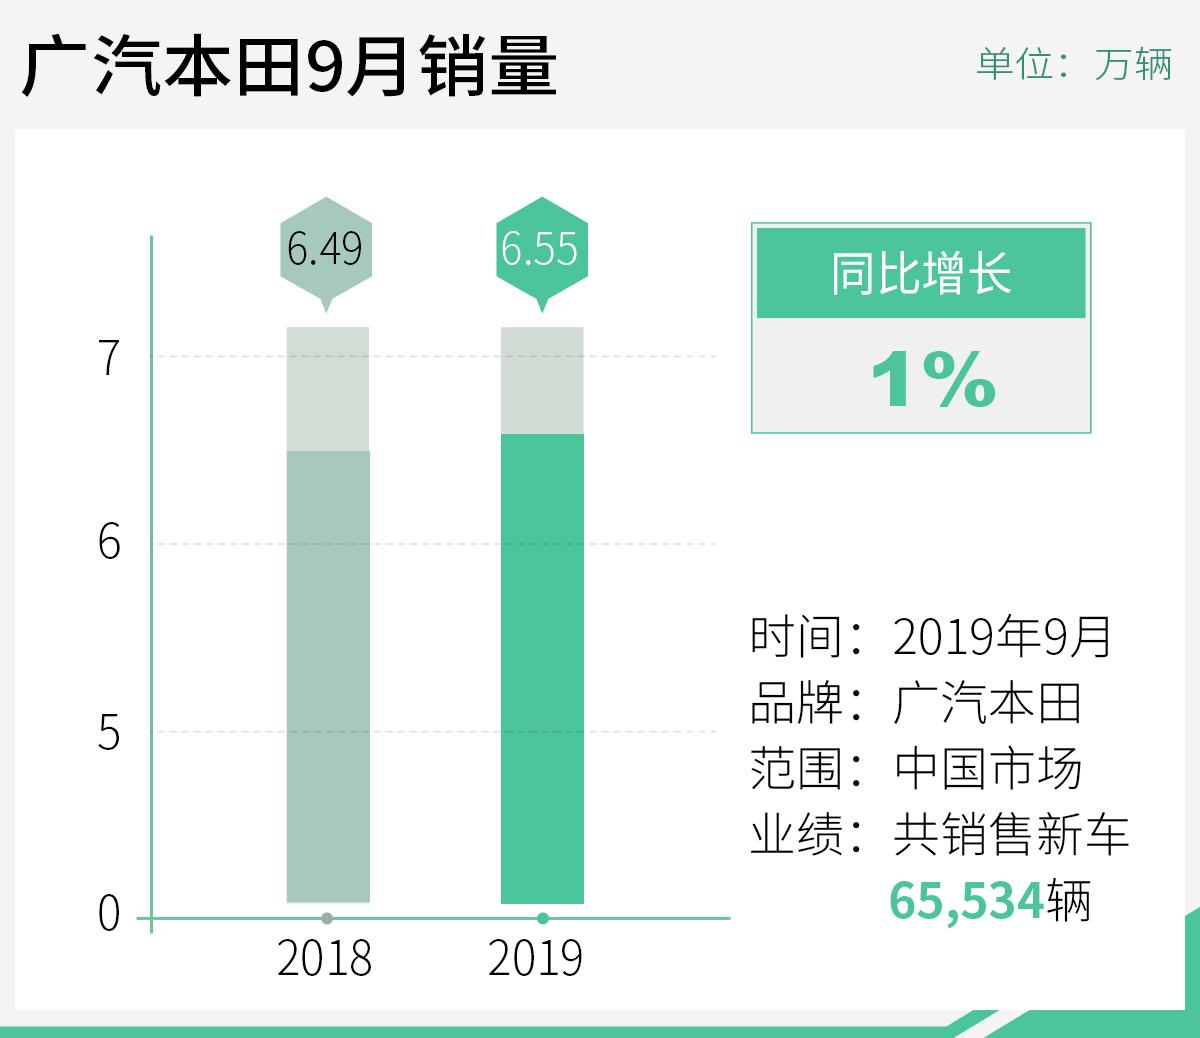 广汽本田1-9月销量超56万辆 皓影将11月下旬上市